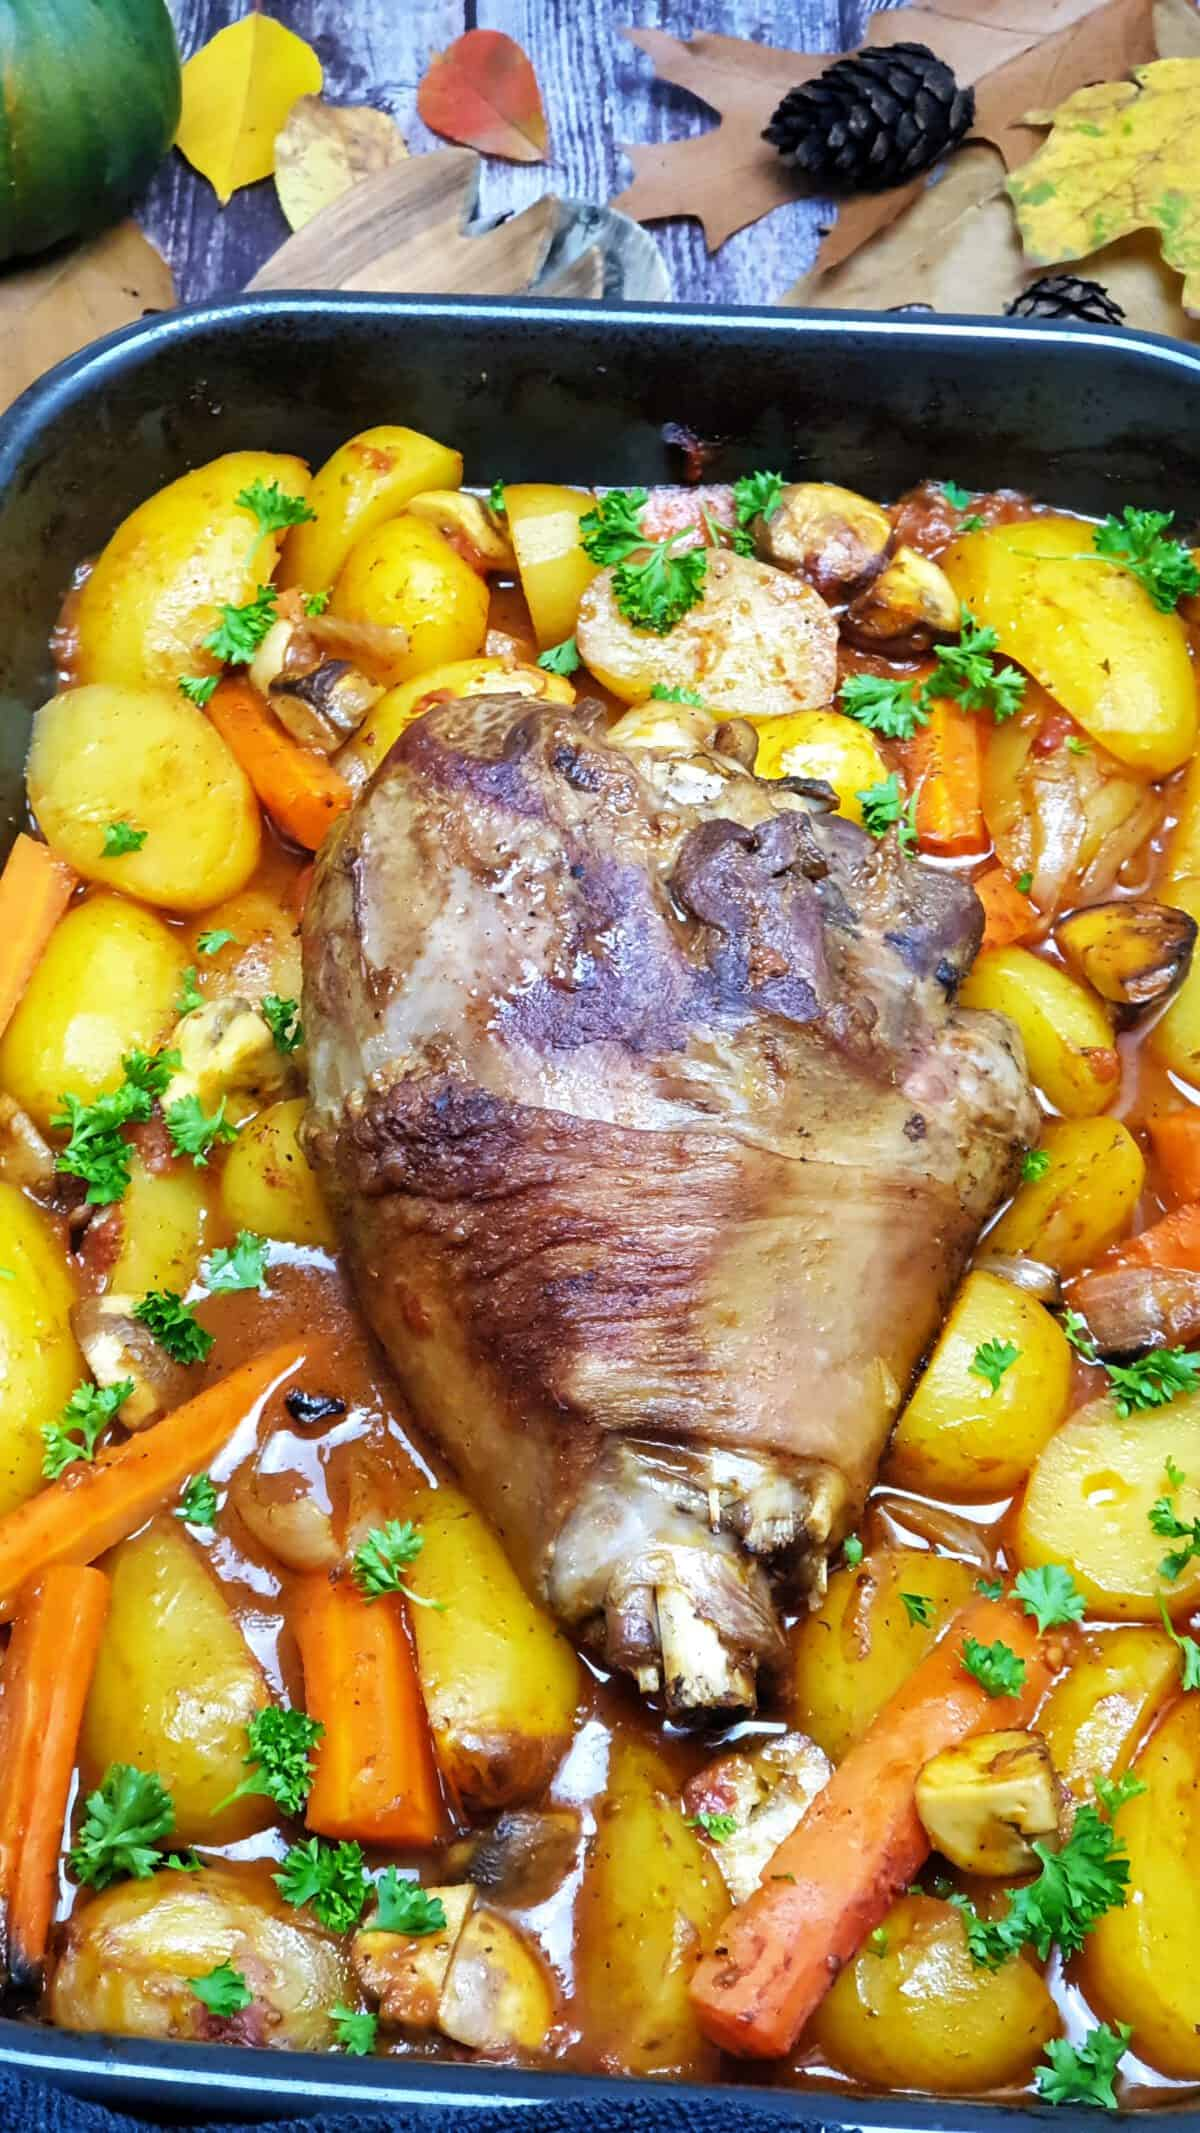 Putenkeule auf Kartoffel-Möhren-Gemüse aus dem Ofen in einer dunklen Auflaufform. Mit Petersilie bestreut. Im Hintergrund Deko.